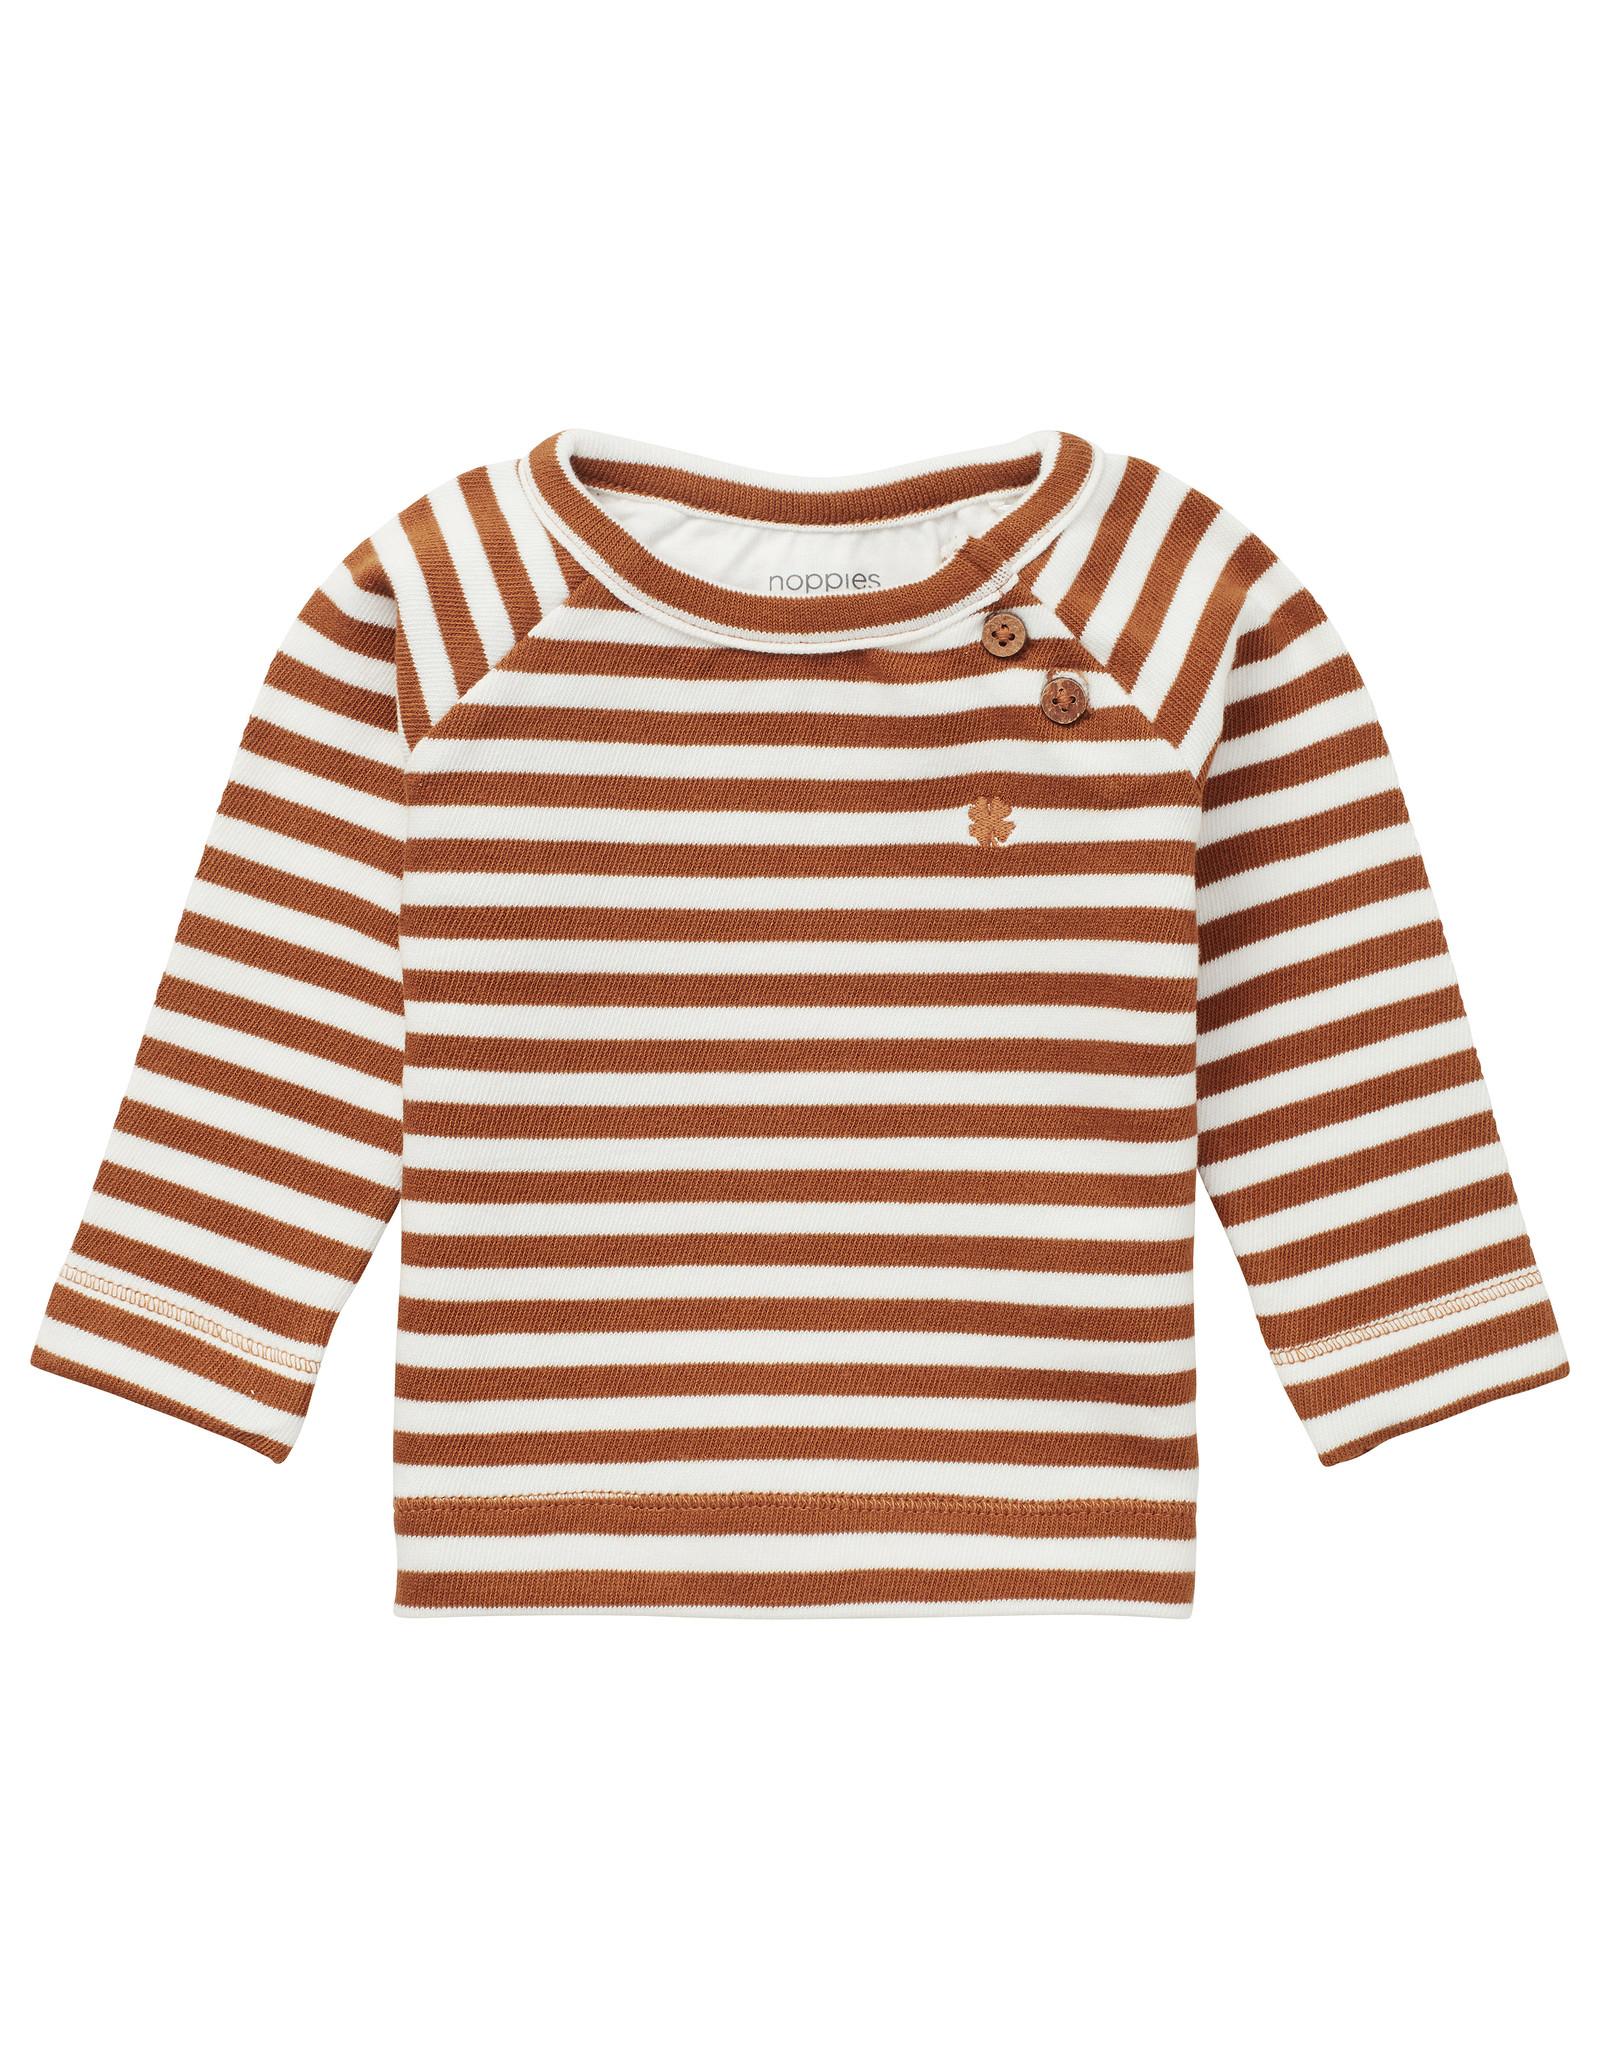 Noppies Shirt Settle